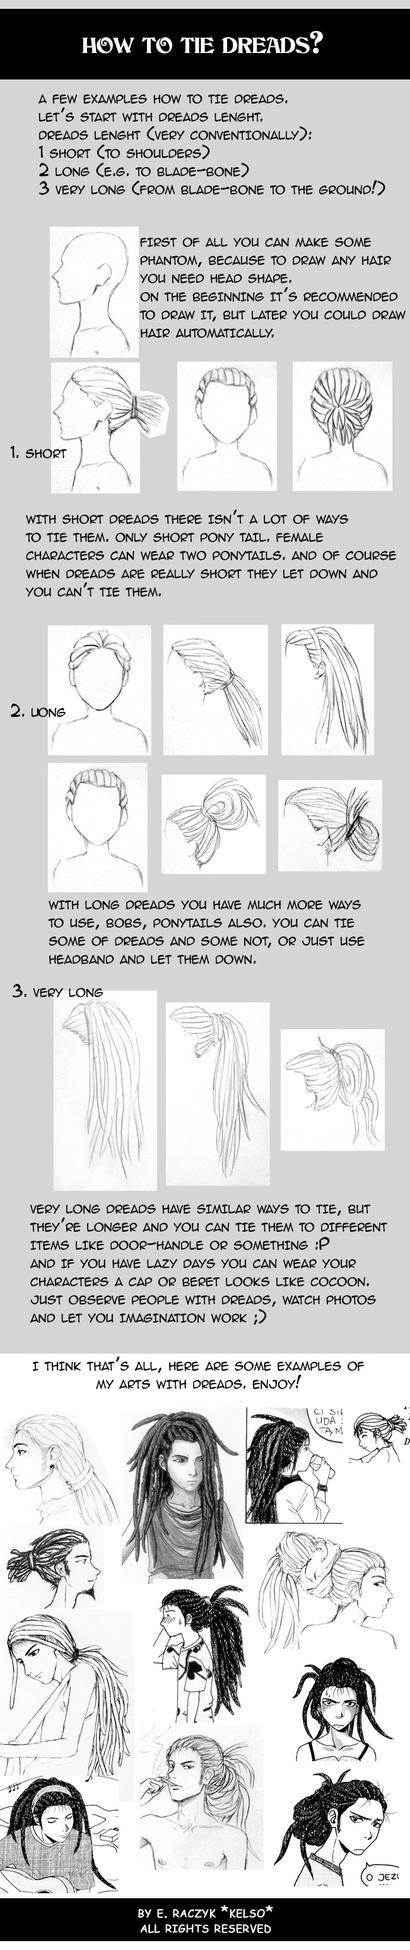 Dreads tie tutorial by ElaRaczyk